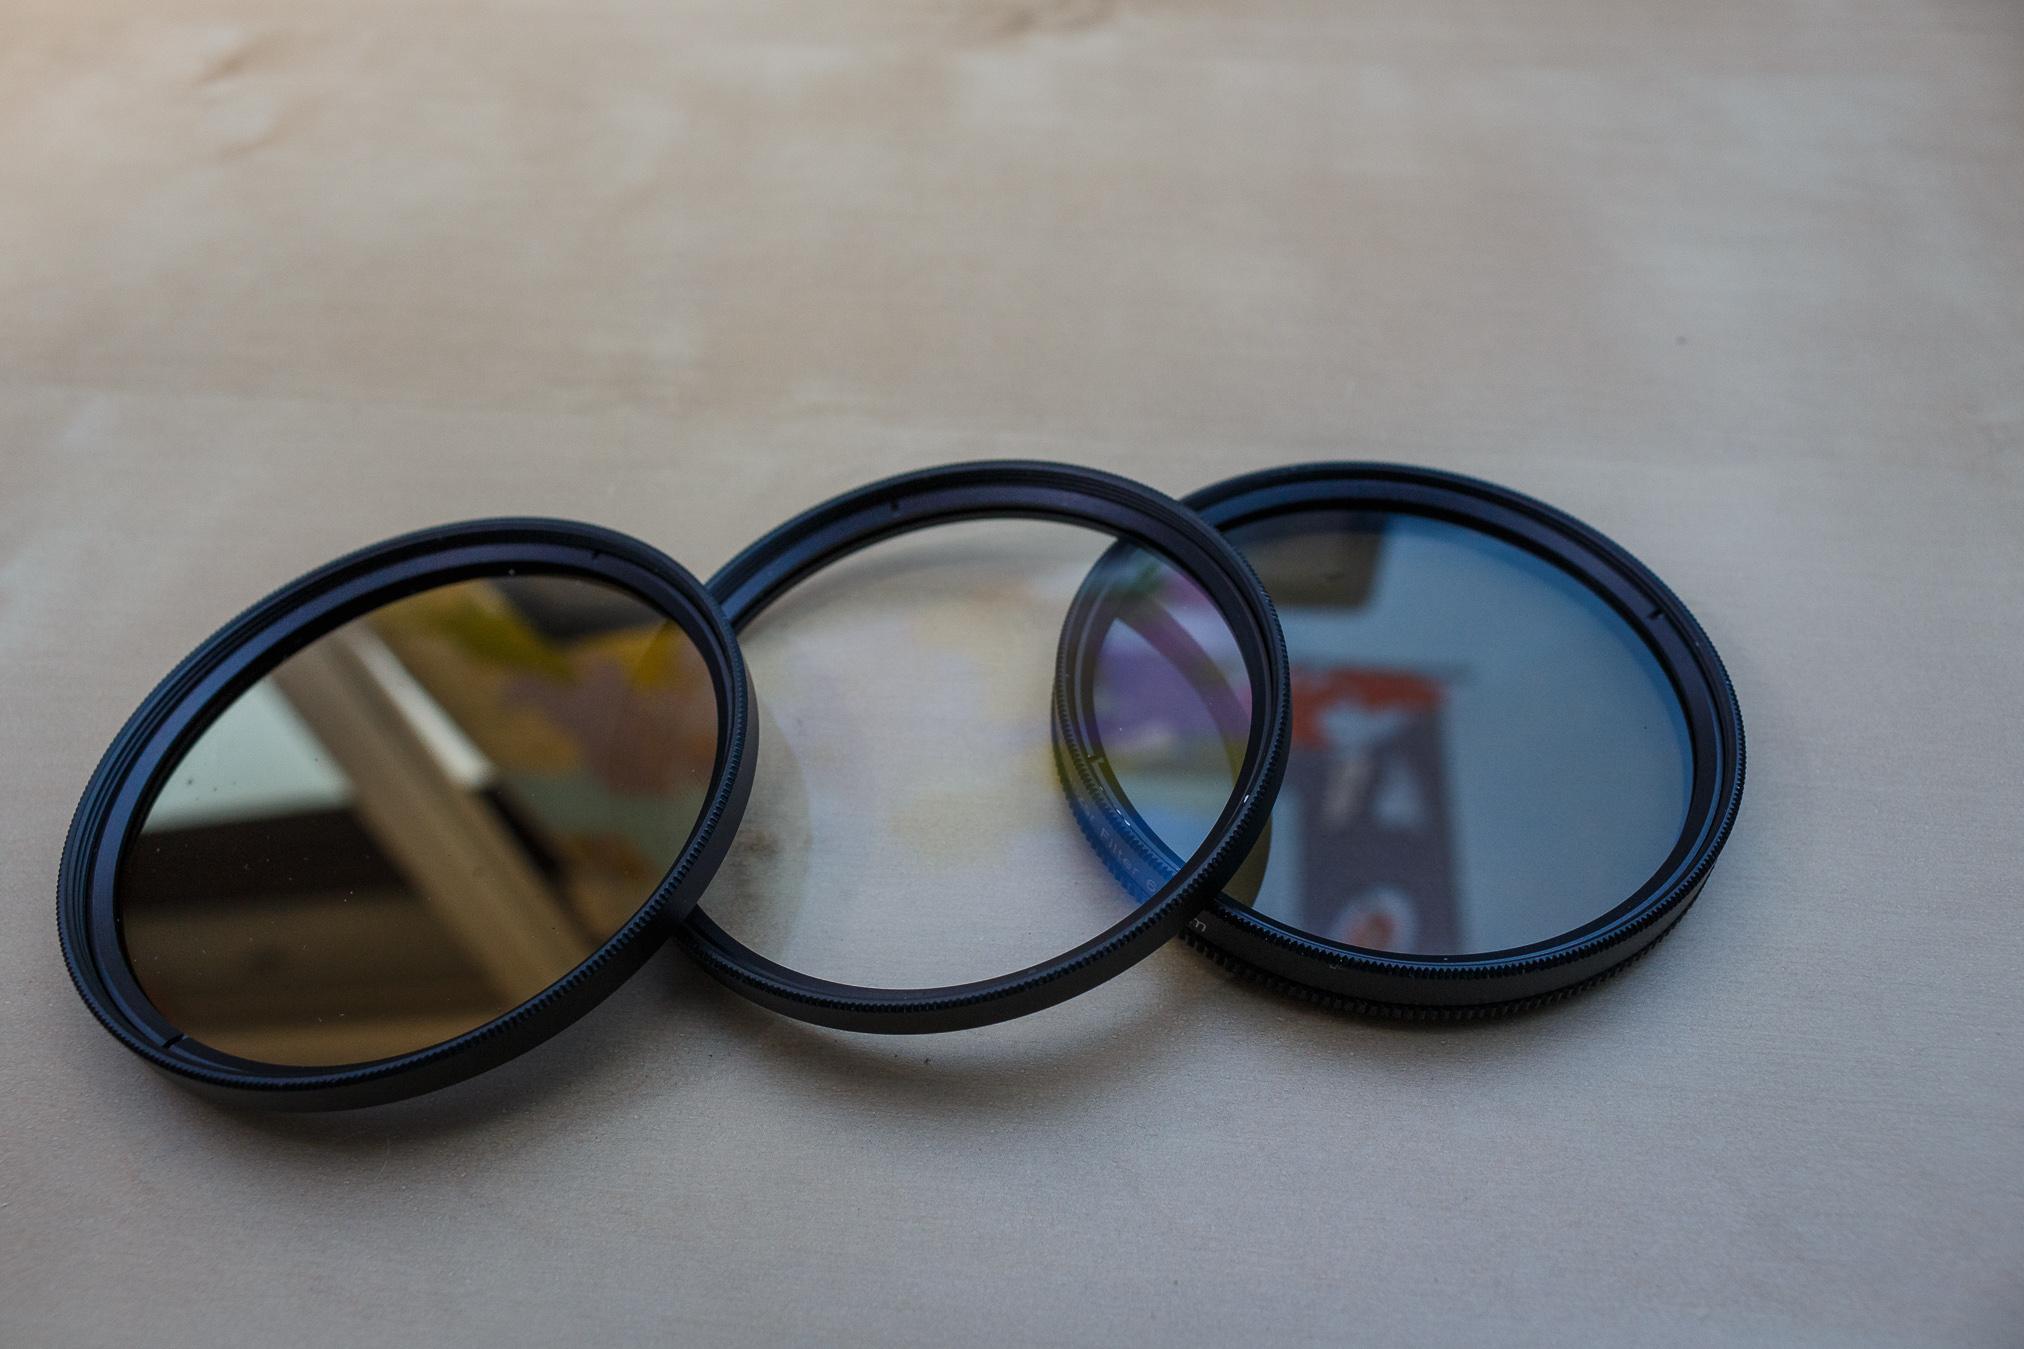 Der UV-Filter ist hier in der Mitte, er hat keinen großen Einfluss auf das Bild